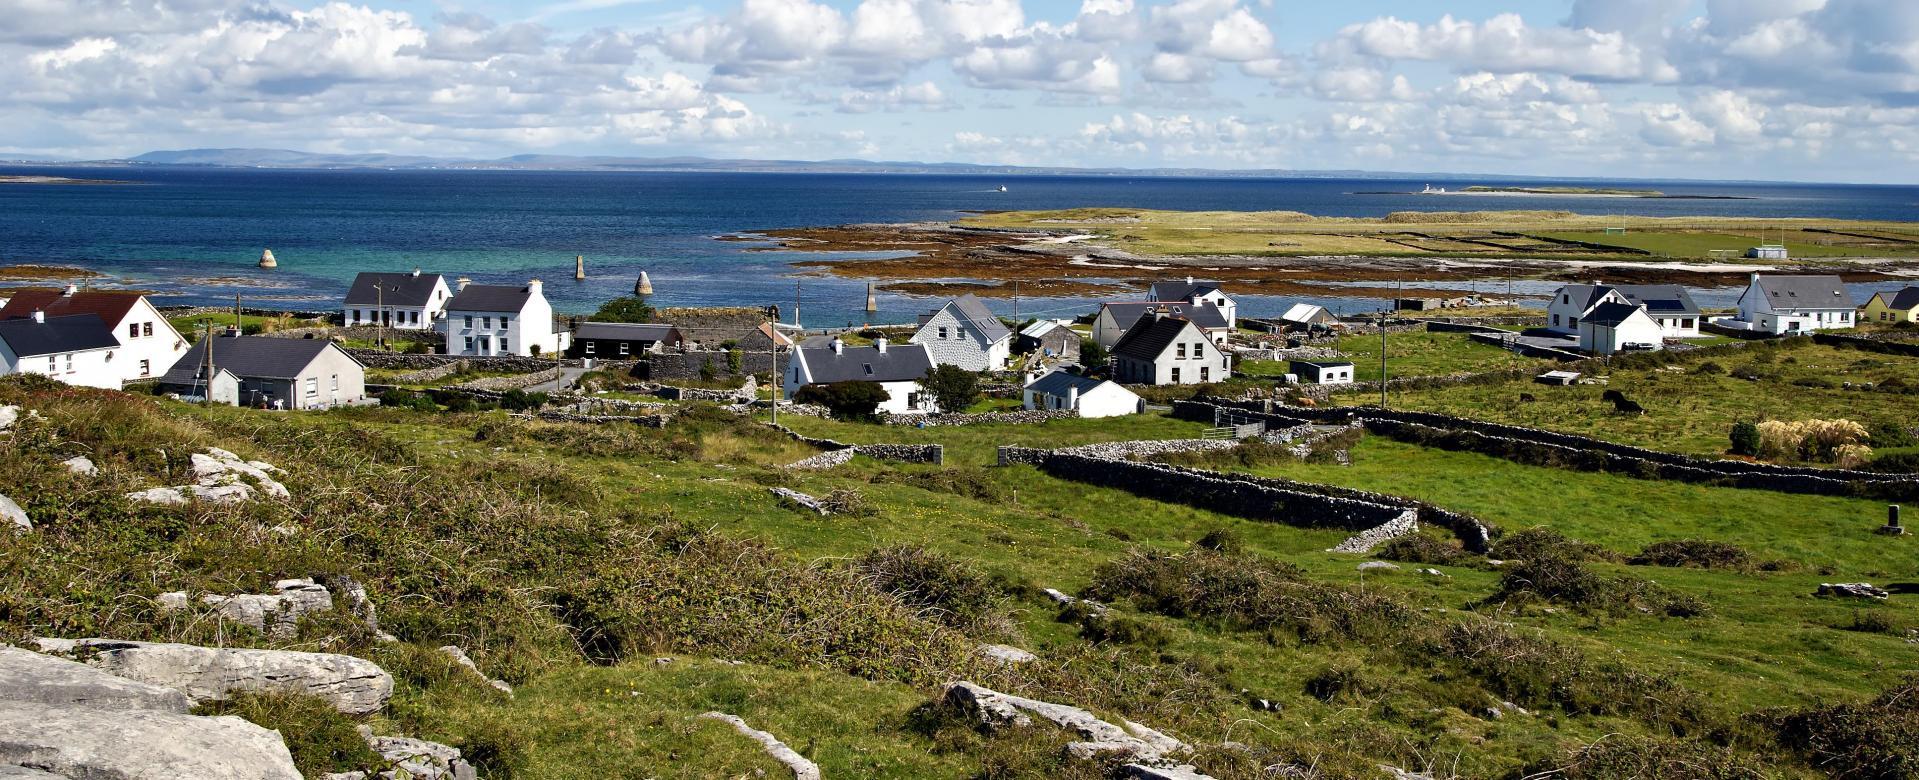 Voyage sur l'eau : Irlande : Le connemara et ses îles